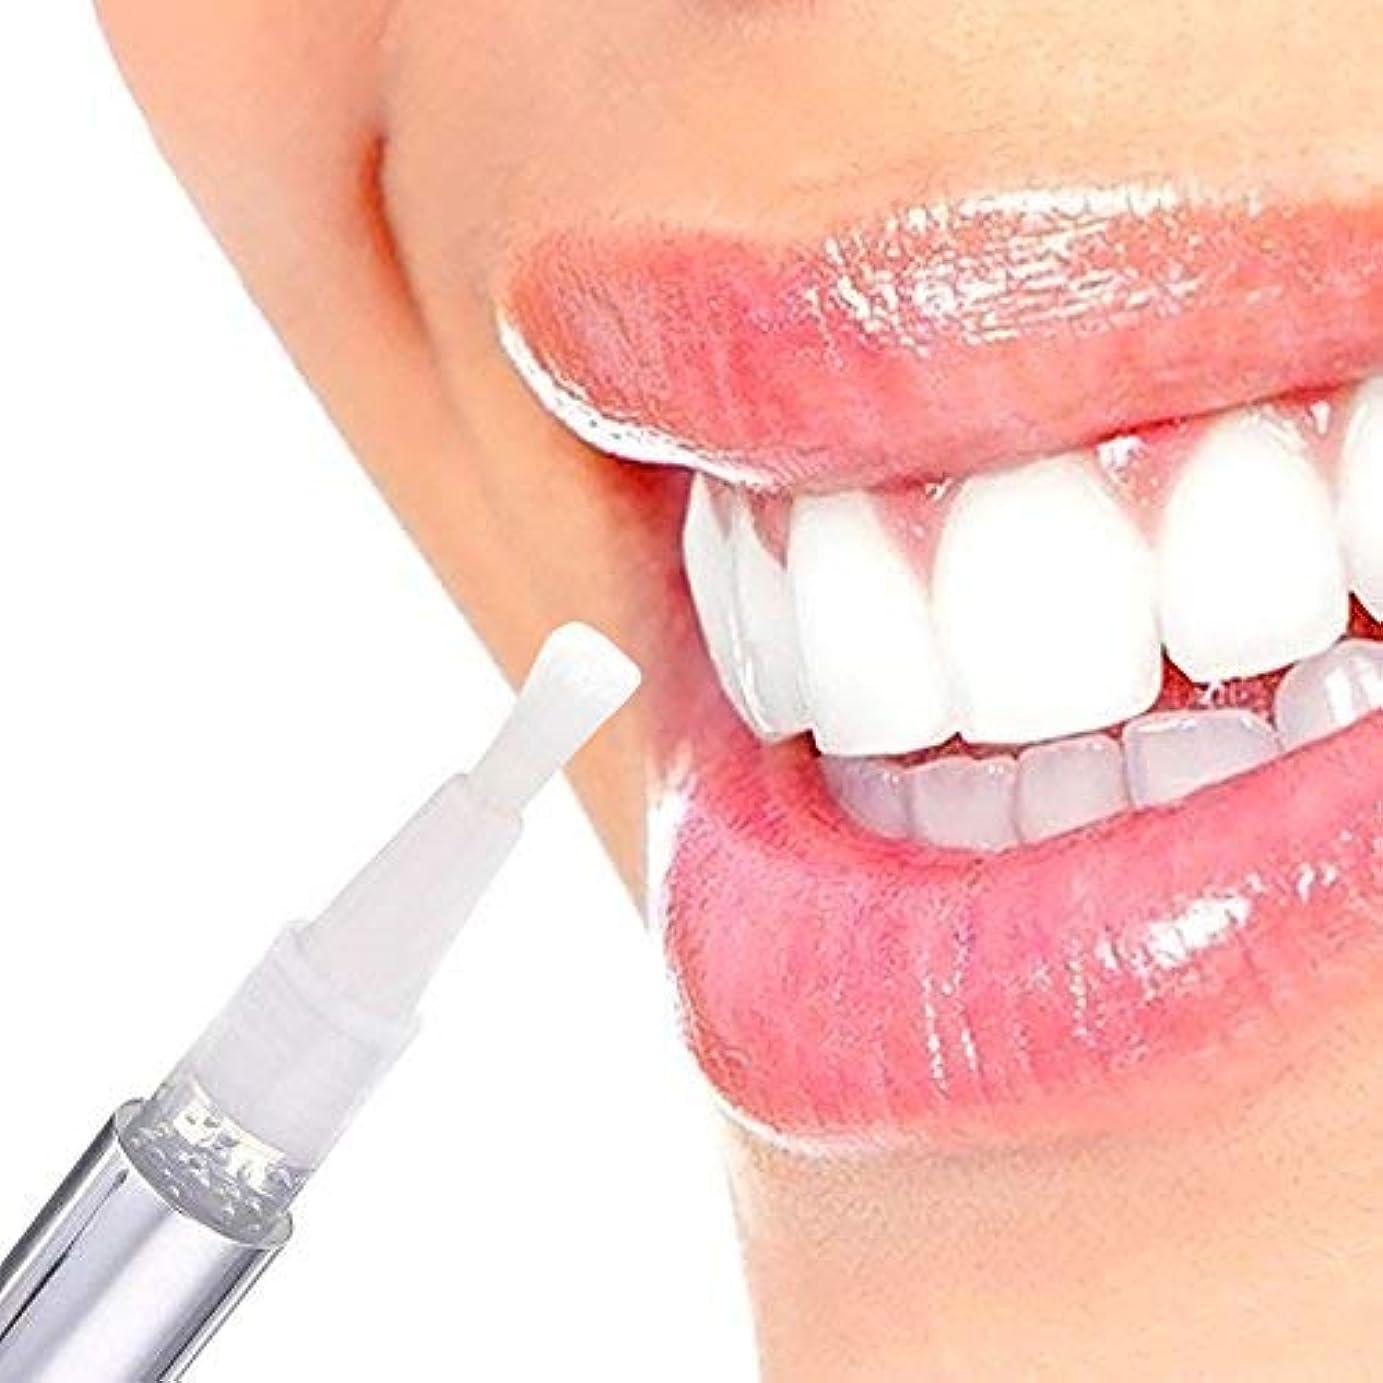 交通本を読むリンクNat 1PCS Hot Creative Effective Teeth Whitening Pen Tooth Gel Whitener Bleach Stain Eraser Sexy Celebrity Smile...